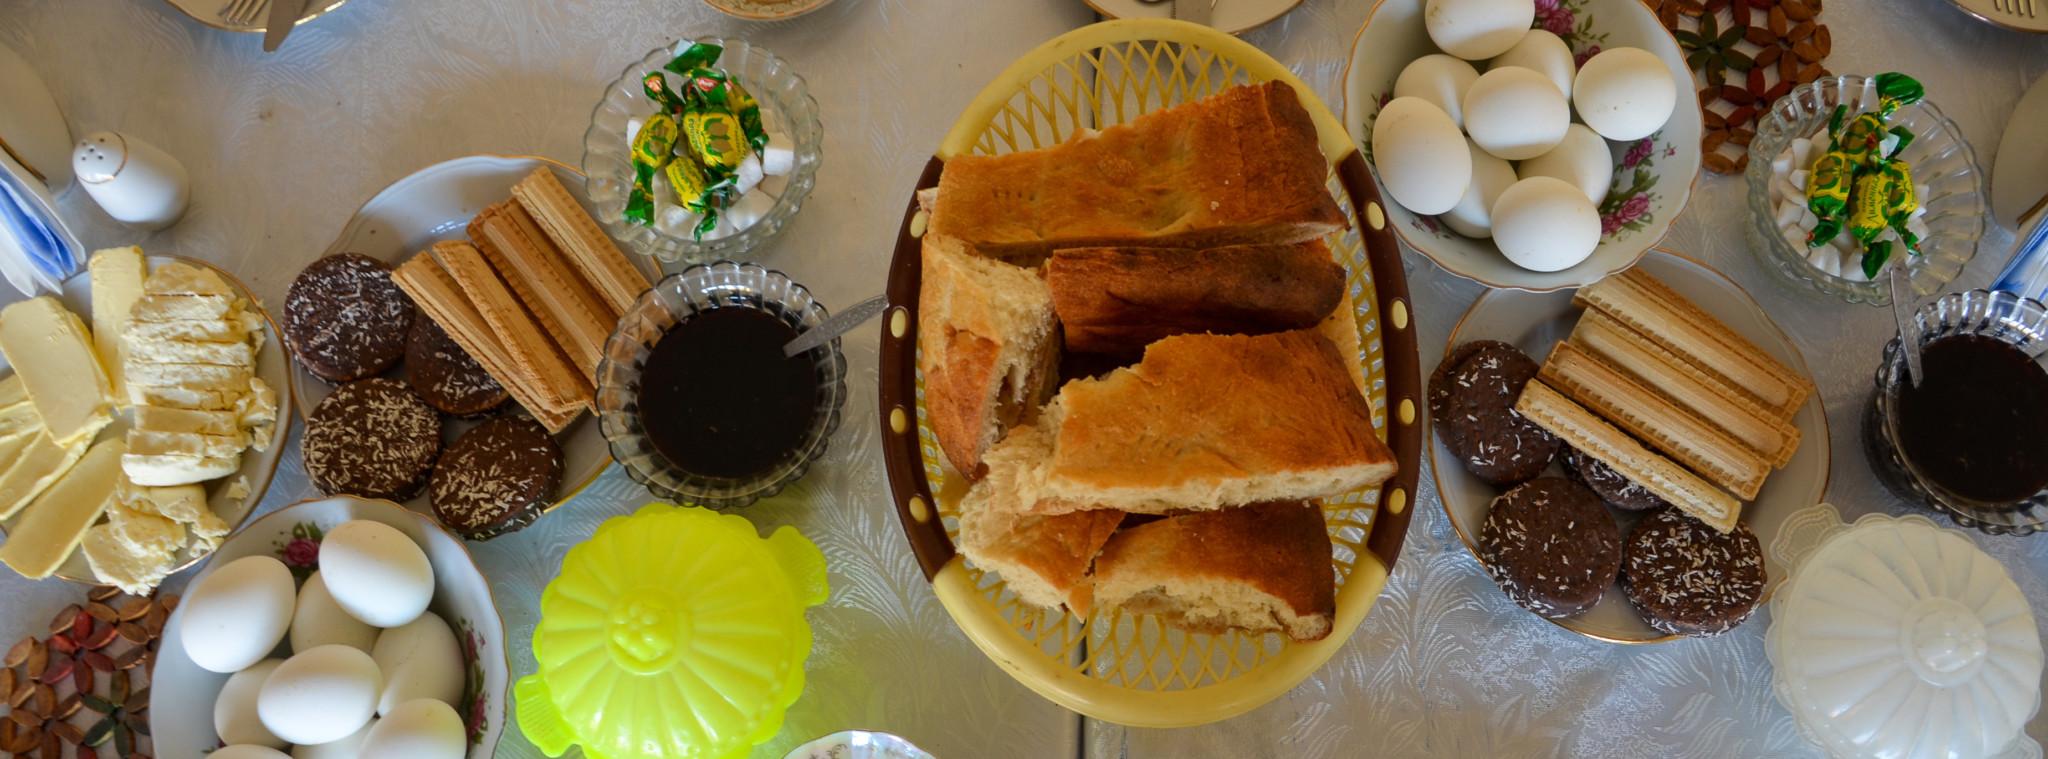 Essen in Aserbaidschan beginnt beim Frühstück